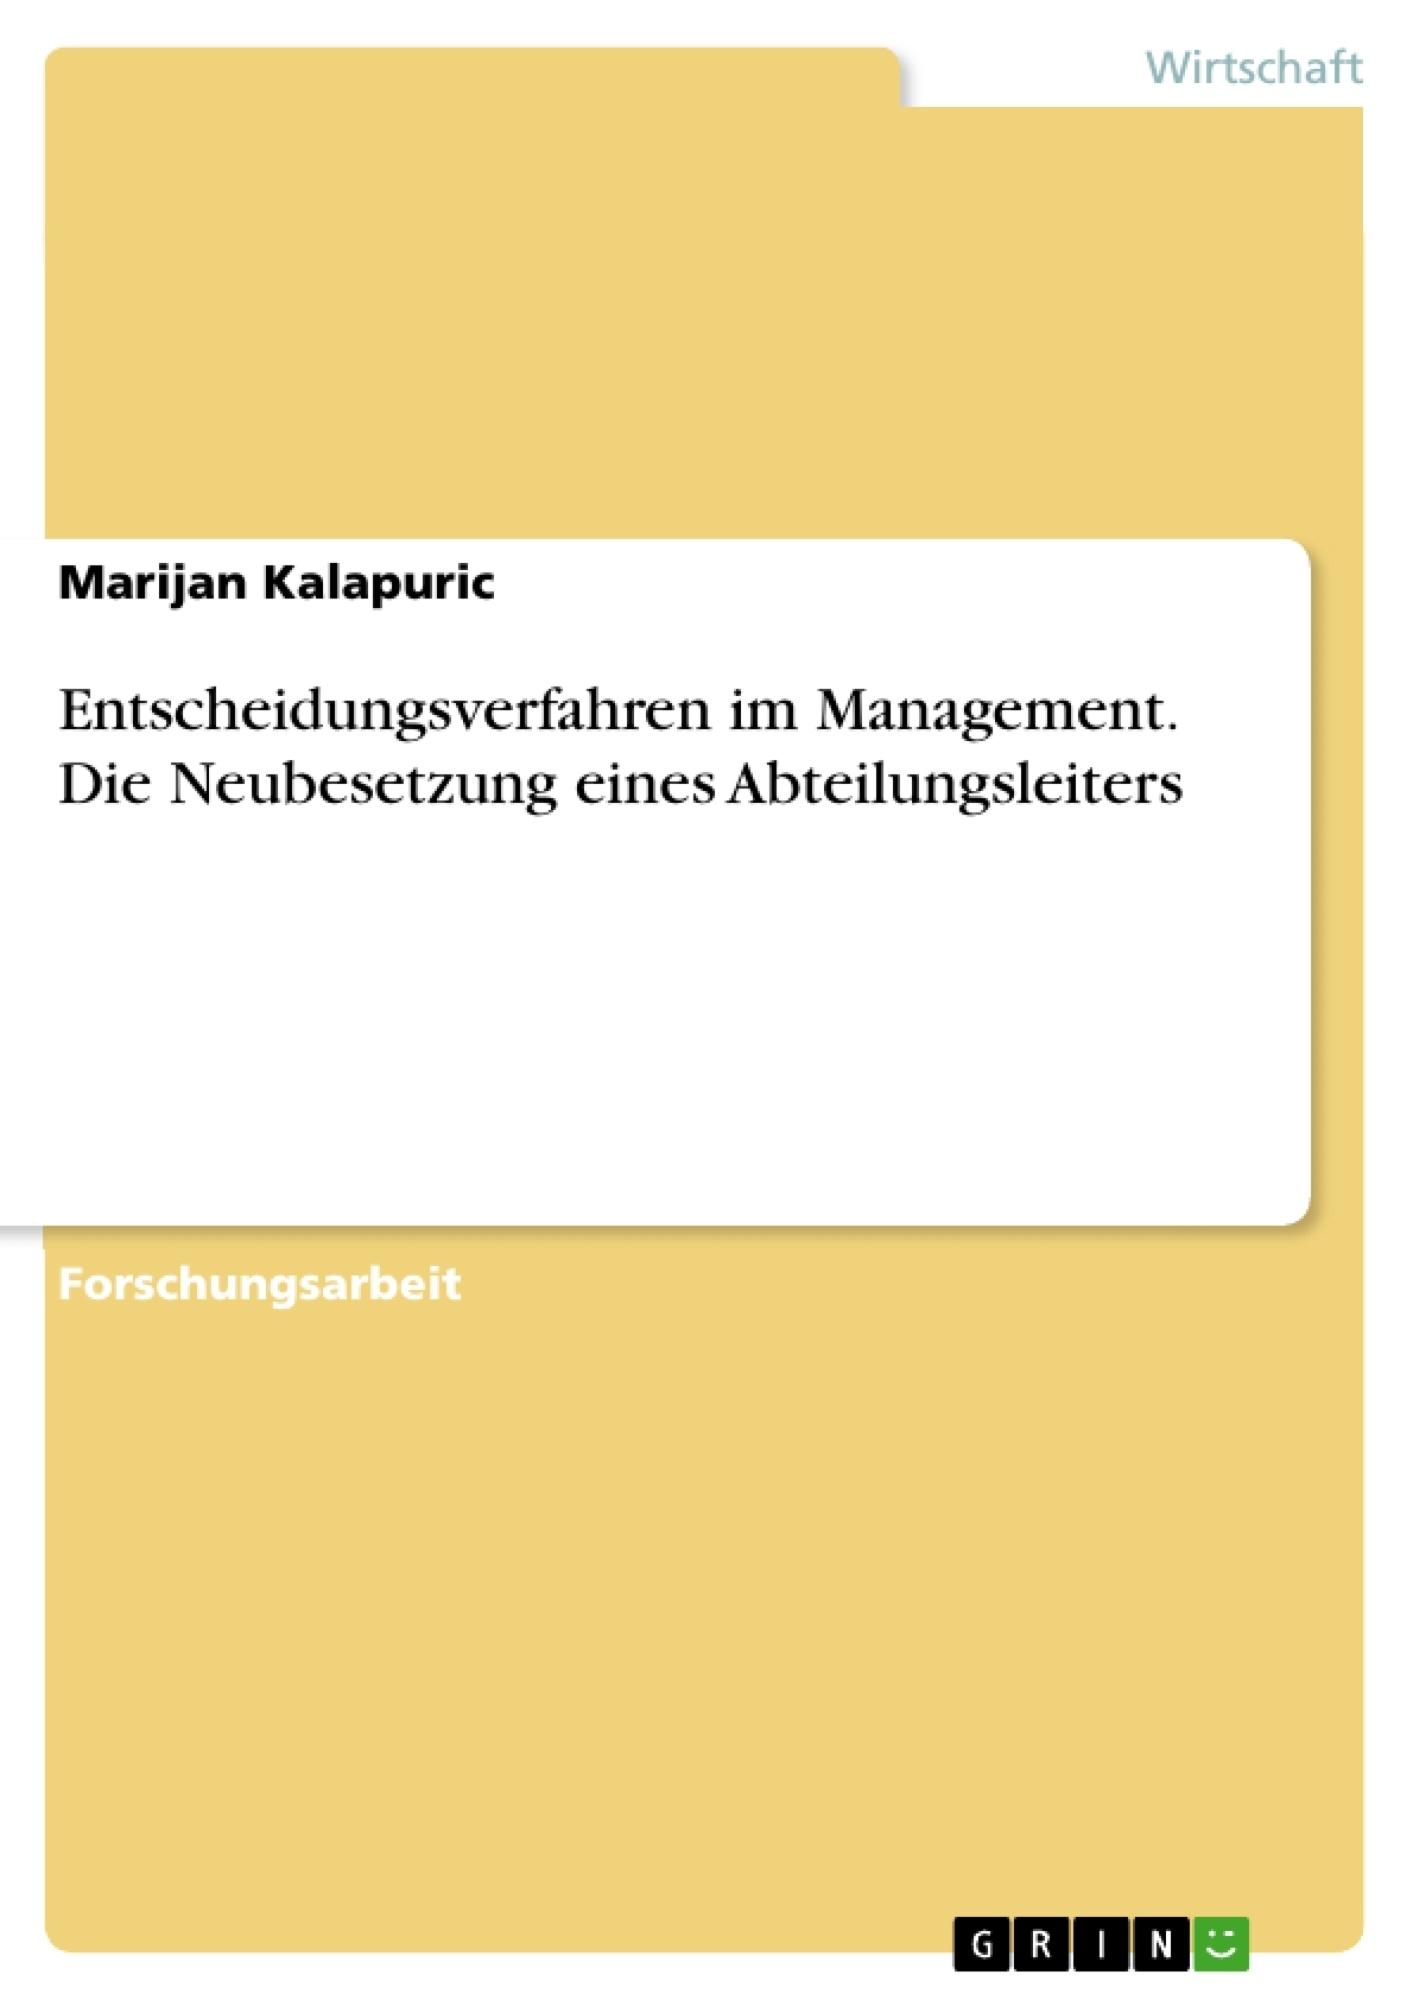 Titel: Entscheidungsverfahren im Management. Die Neubesetzung eines Abteilungsleiters